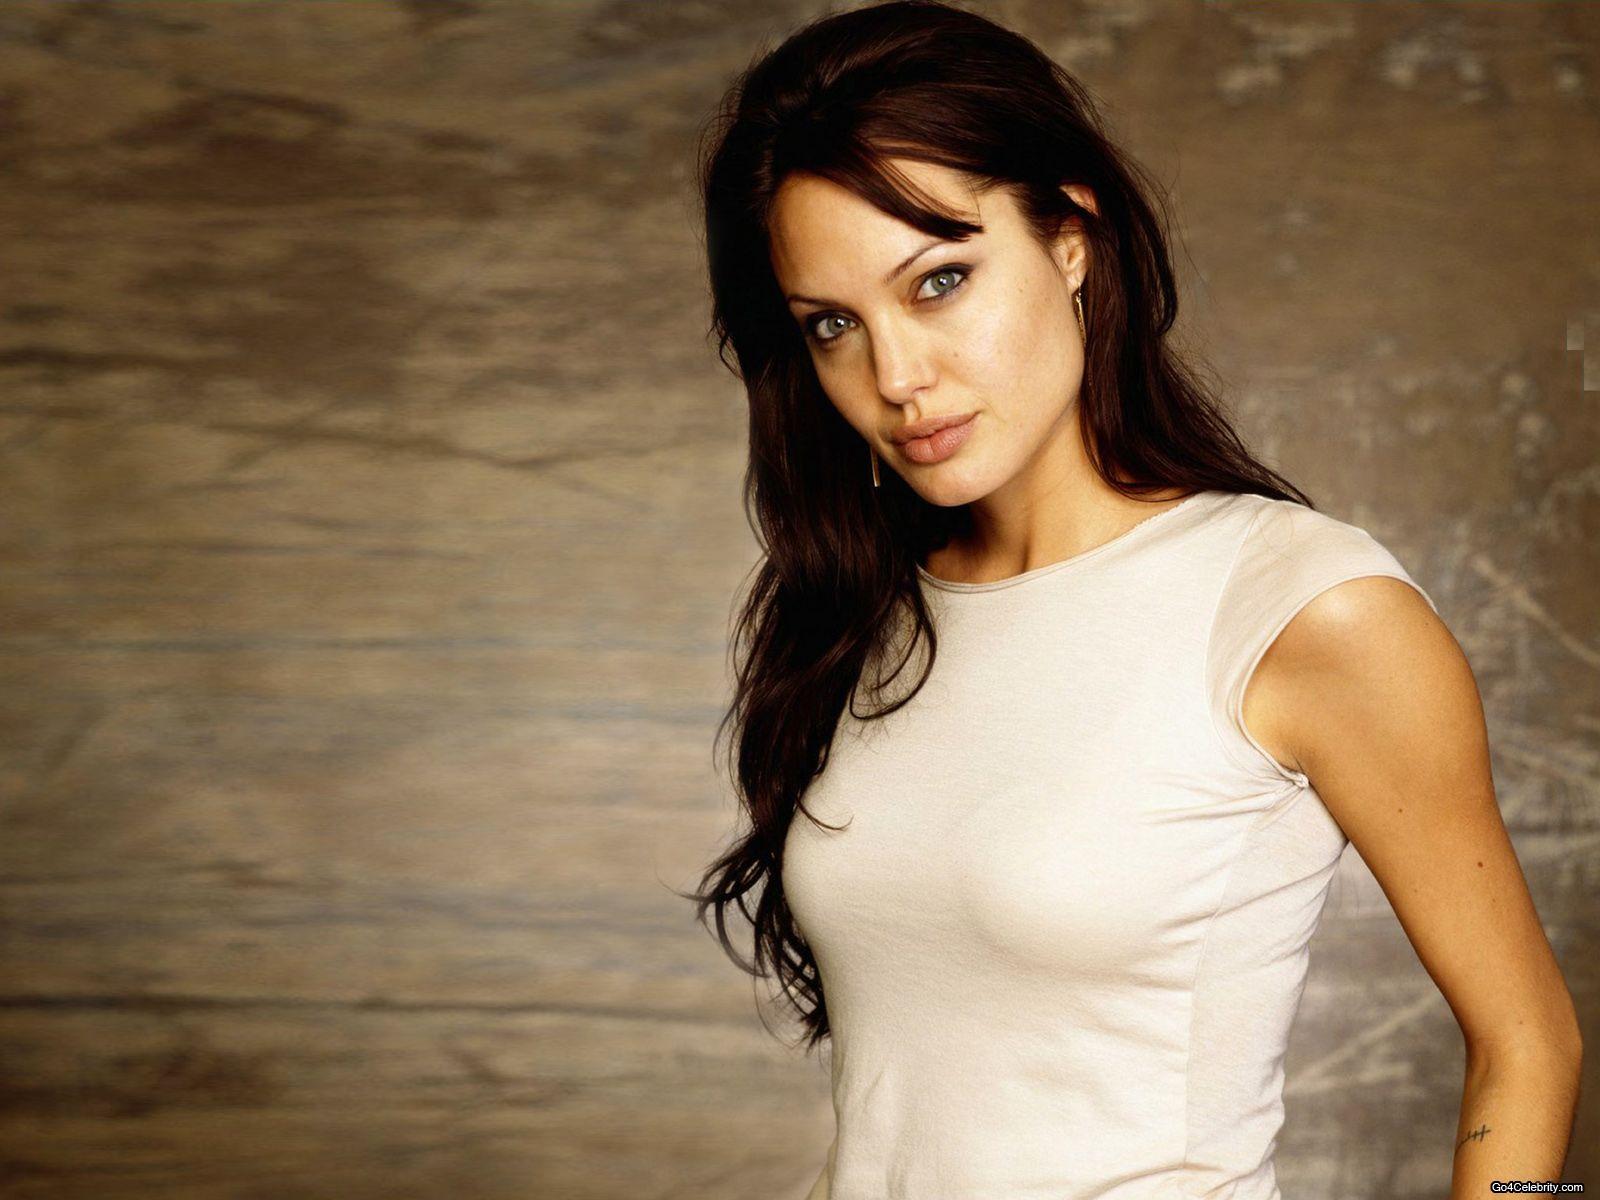 Angelina Jolie Wallpaper 22